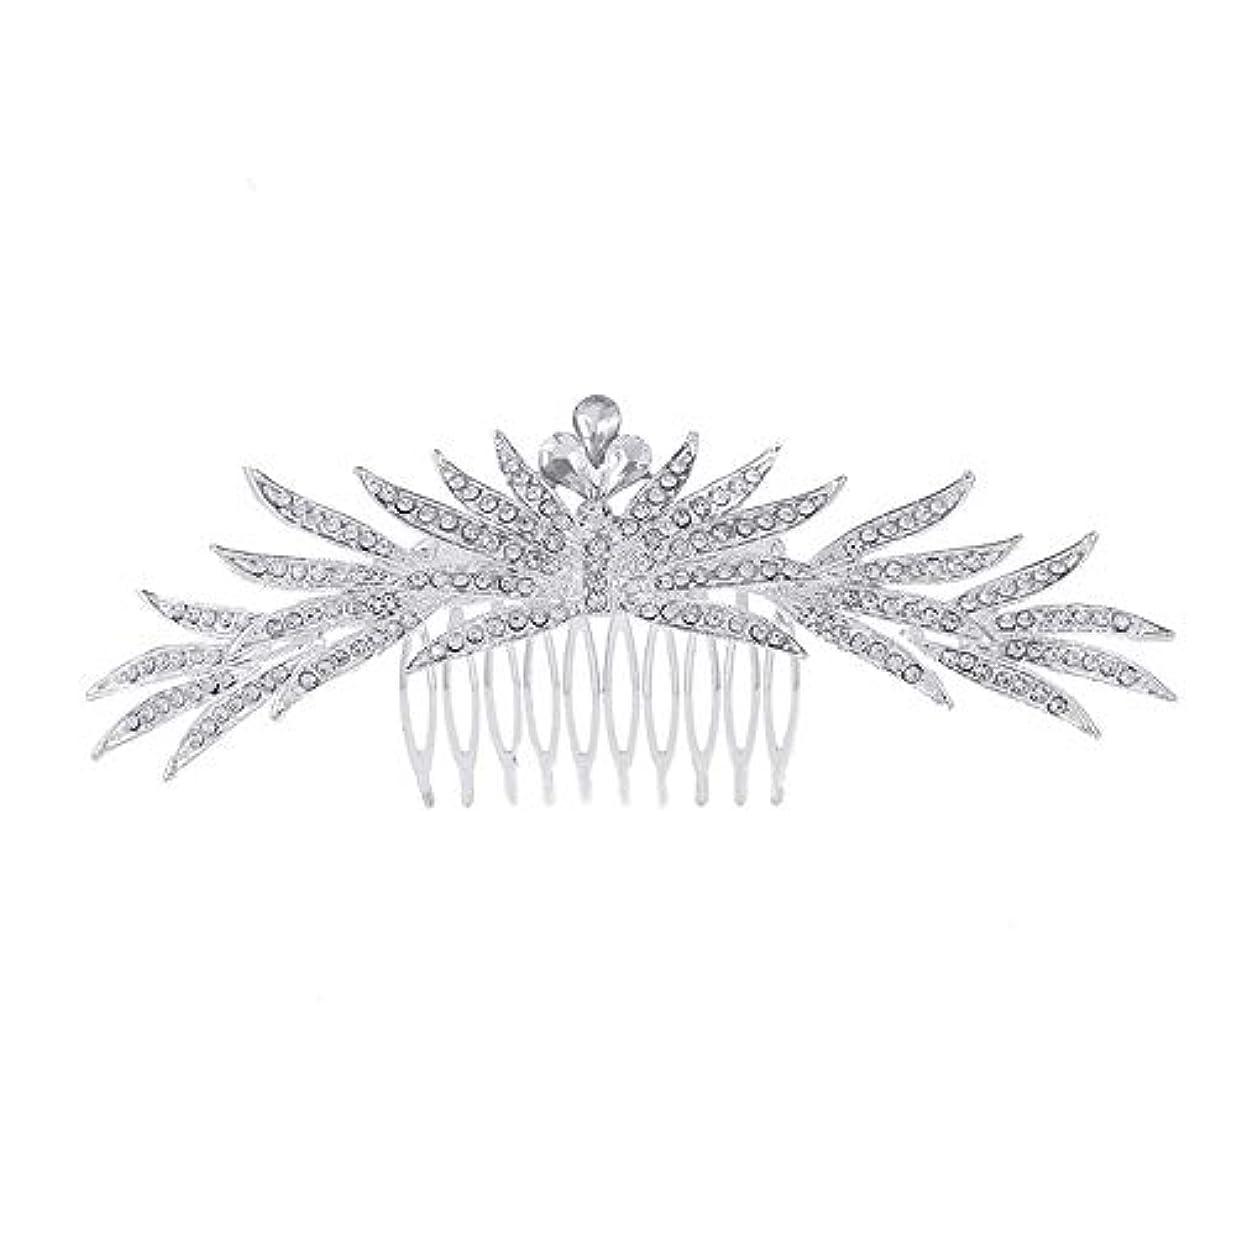 容赦ないクール新年髪の櫛の櫛の櫛花嫁の髪の櫛ラインストーンの櫛亜鉛合金ブライダルヘッドドレス結婚式のアクセサリー挿入櫛